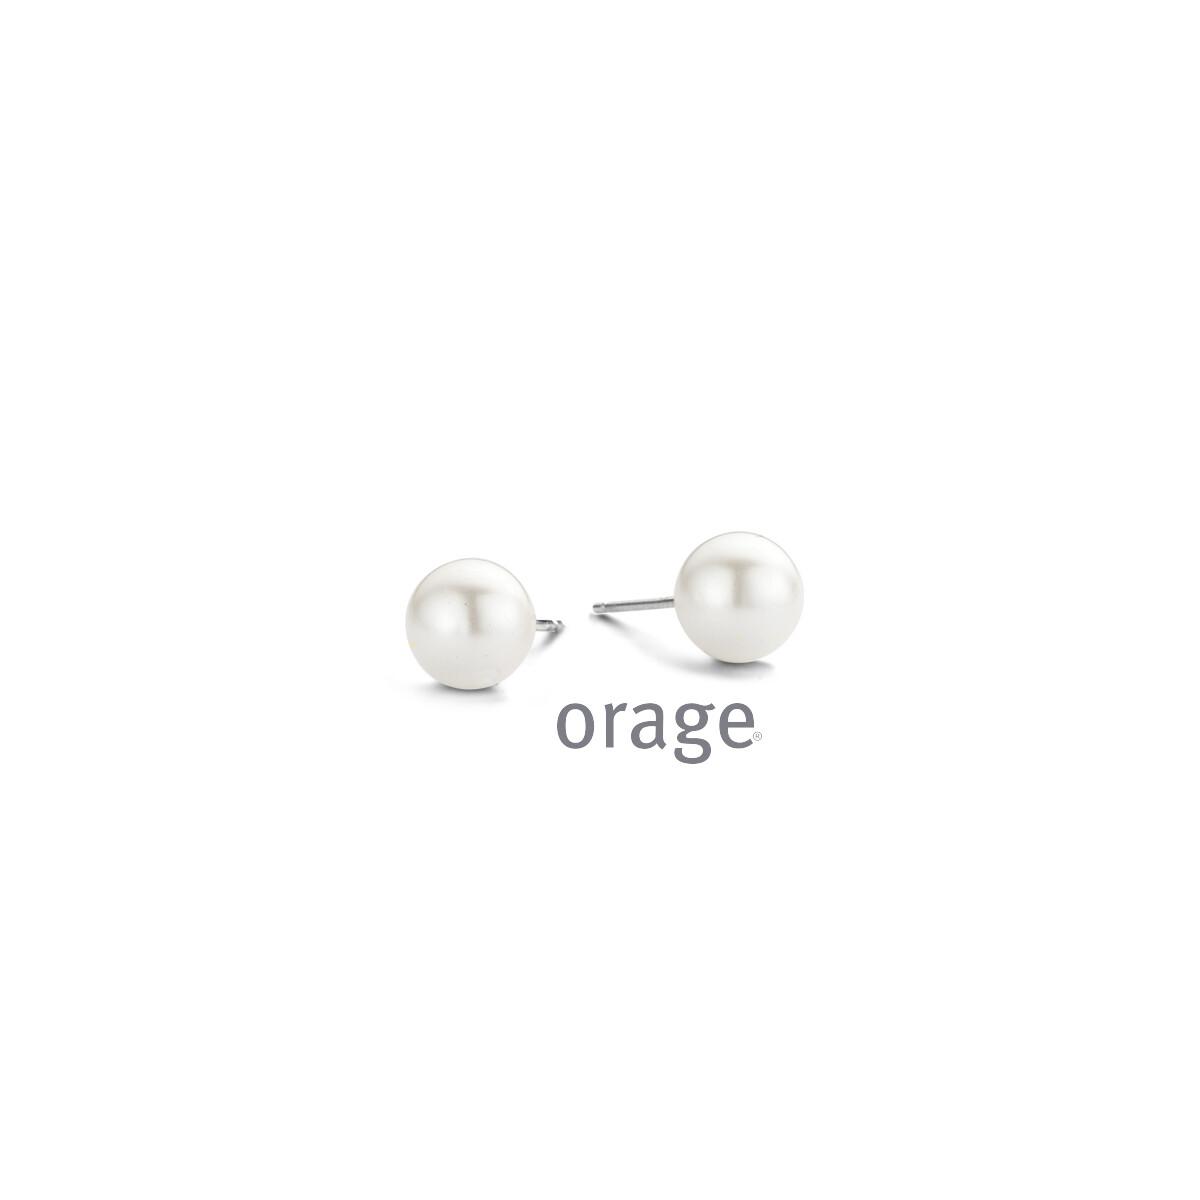 Boucles d'oreilles Orage AR010